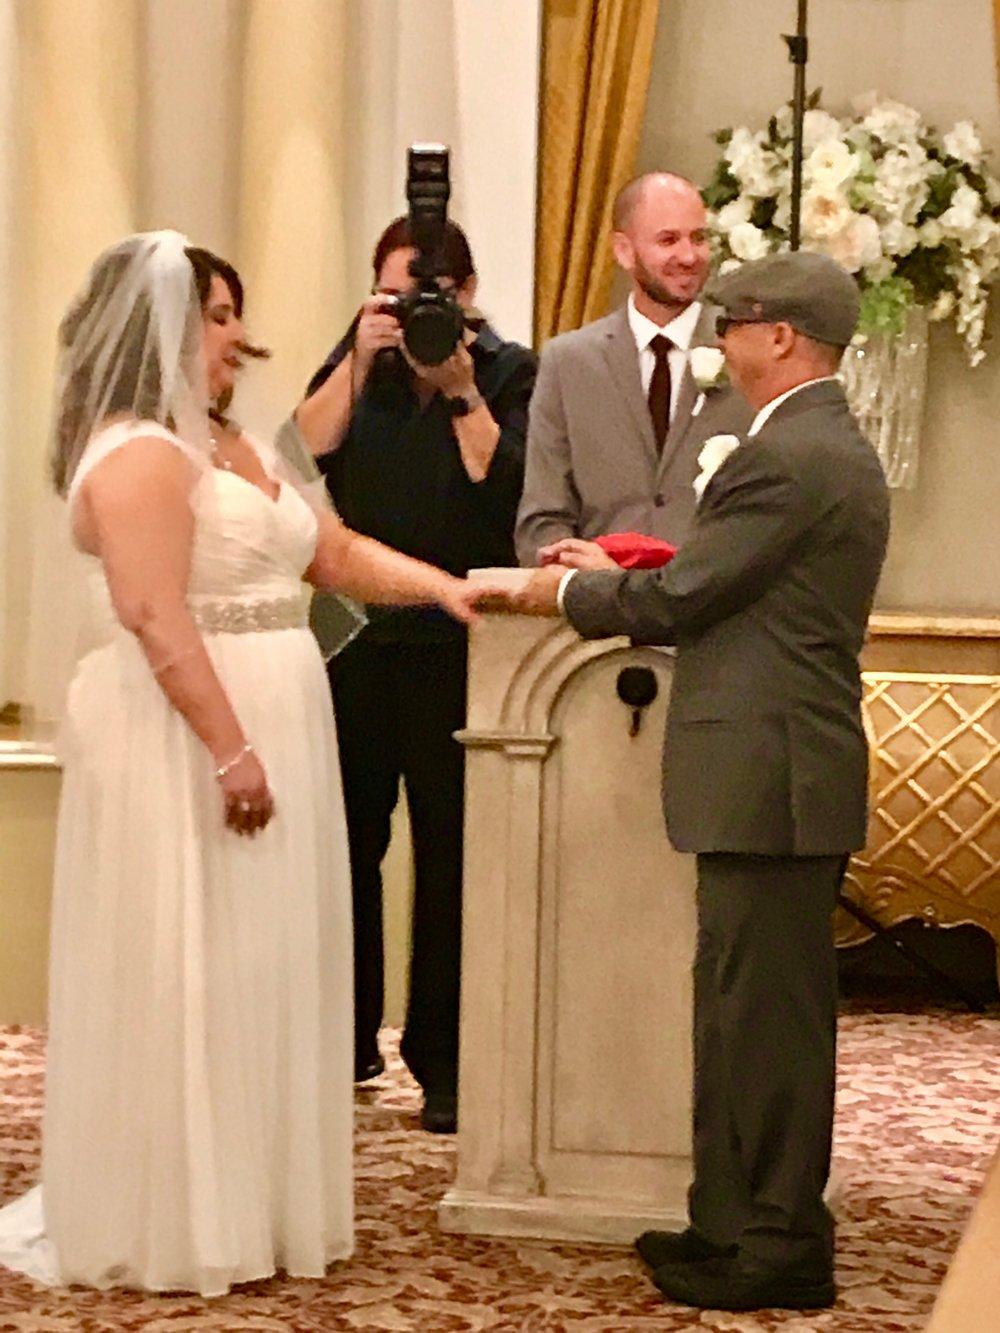 Bride getting ring.jpg*.jpg